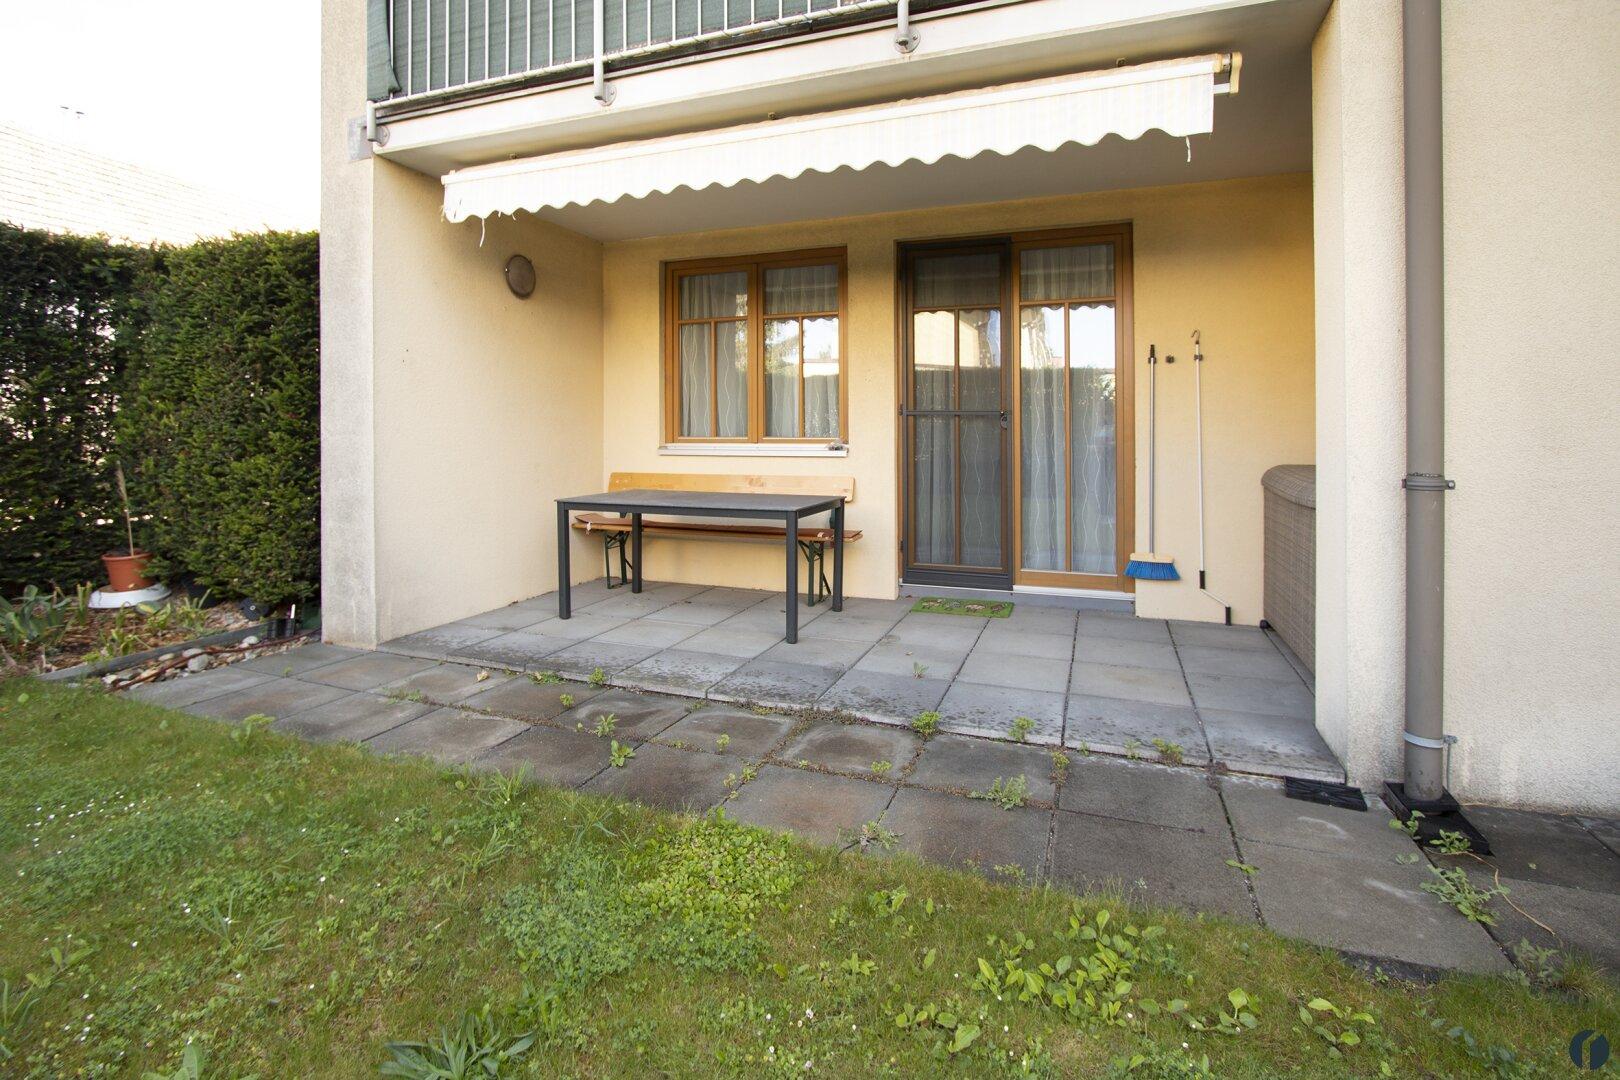 geschützte Terrasse mit Markise